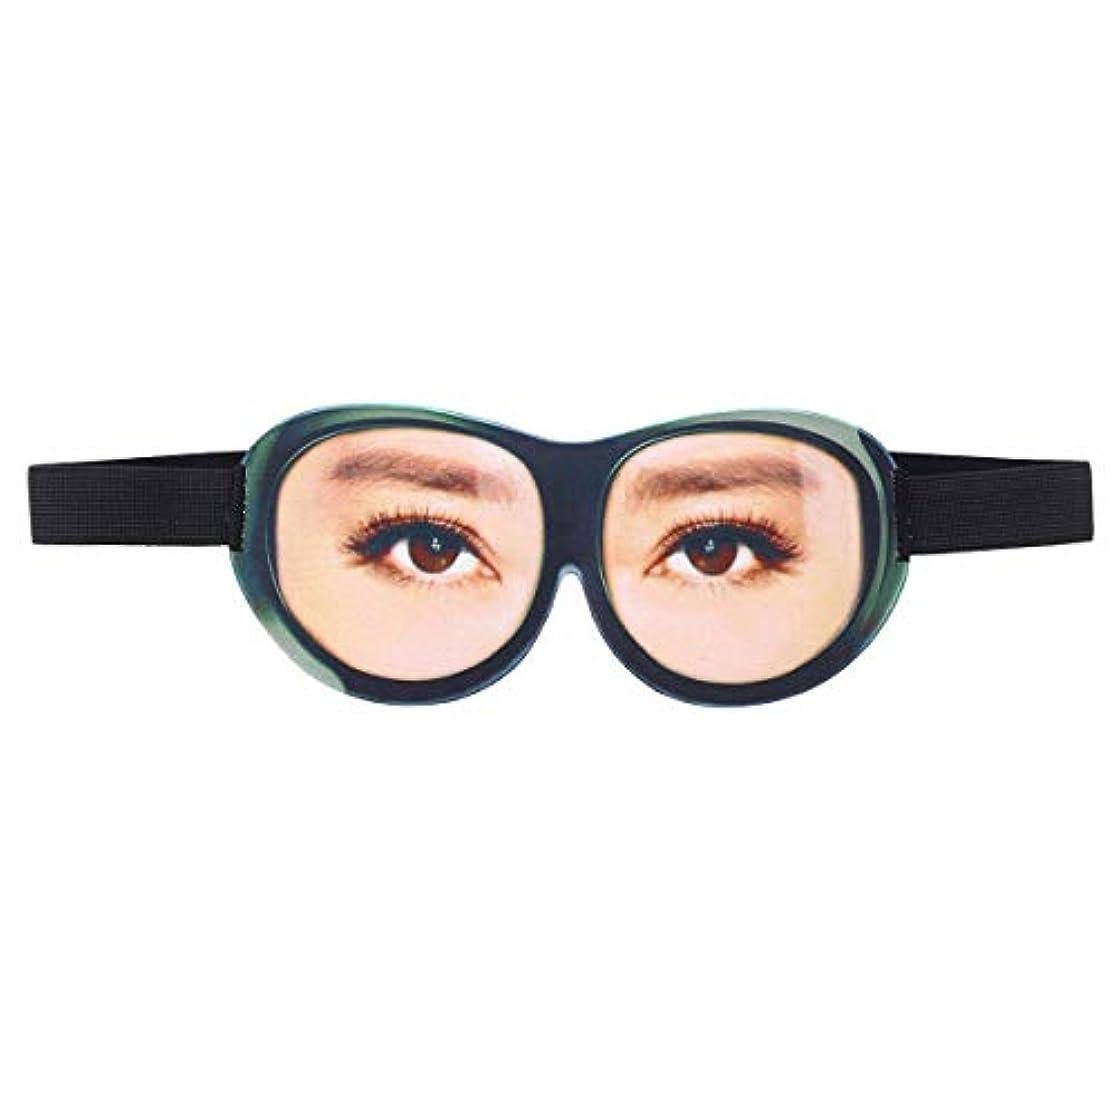 ハイジャック行う選出するSUPVOX 面白いアイシェード3Dスリープマスクブラインドパッチアイマスク目隠し